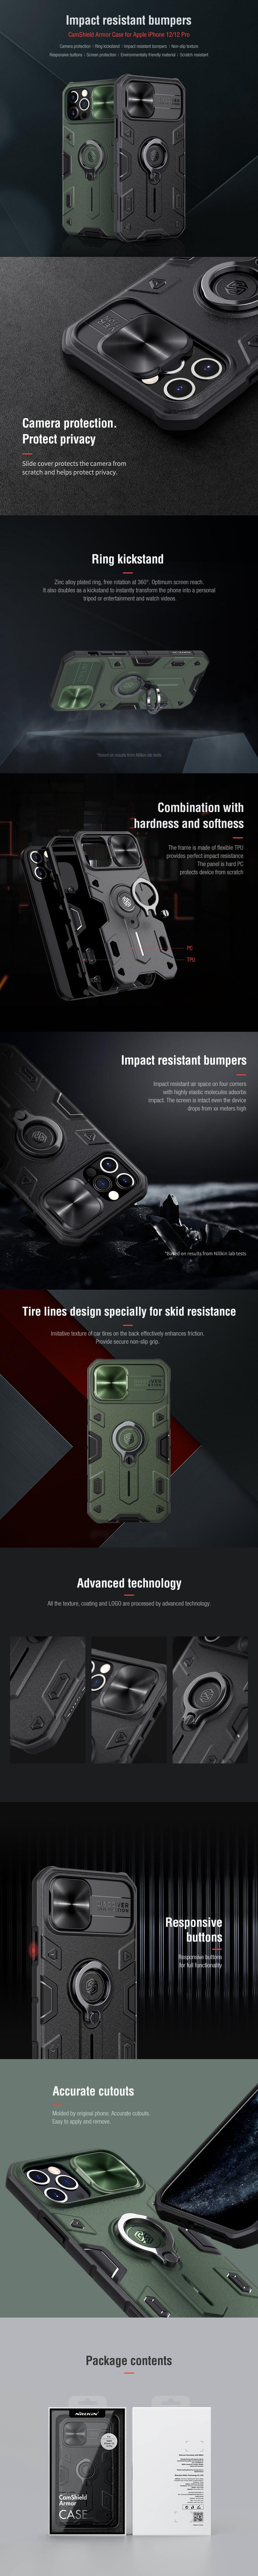 کاور اورجینال نیلکین مدل Camshield Armor مناسب برای گوشی موبایل آیفون 12 و آیفون 12 پرو